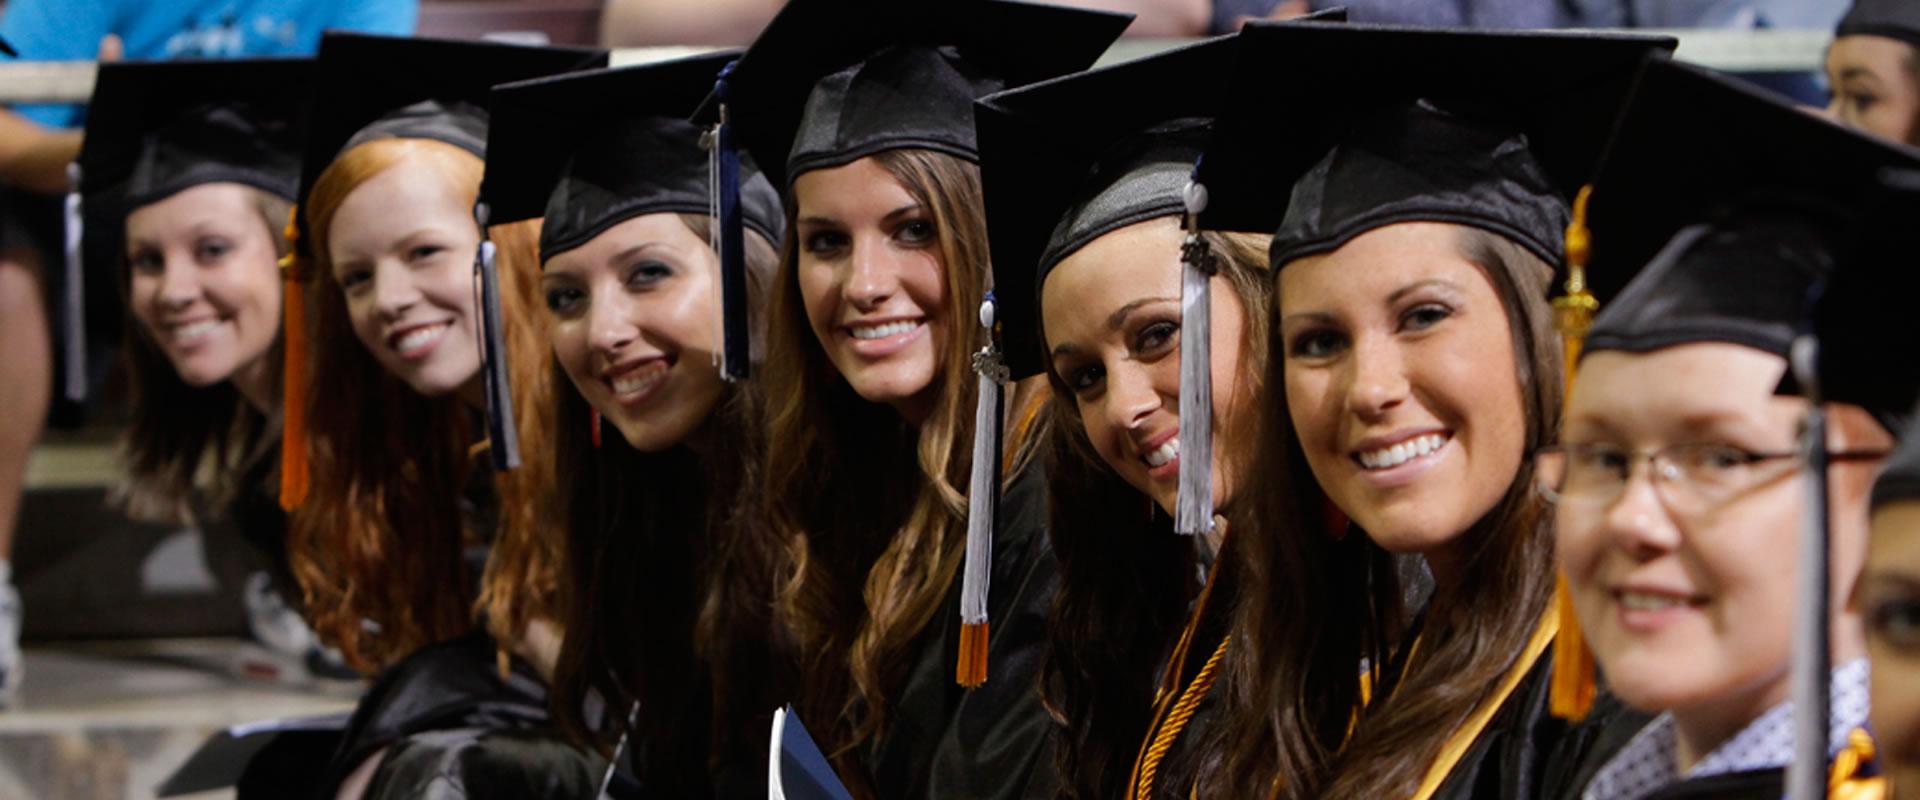 students-academics-otc-graduation-graduates